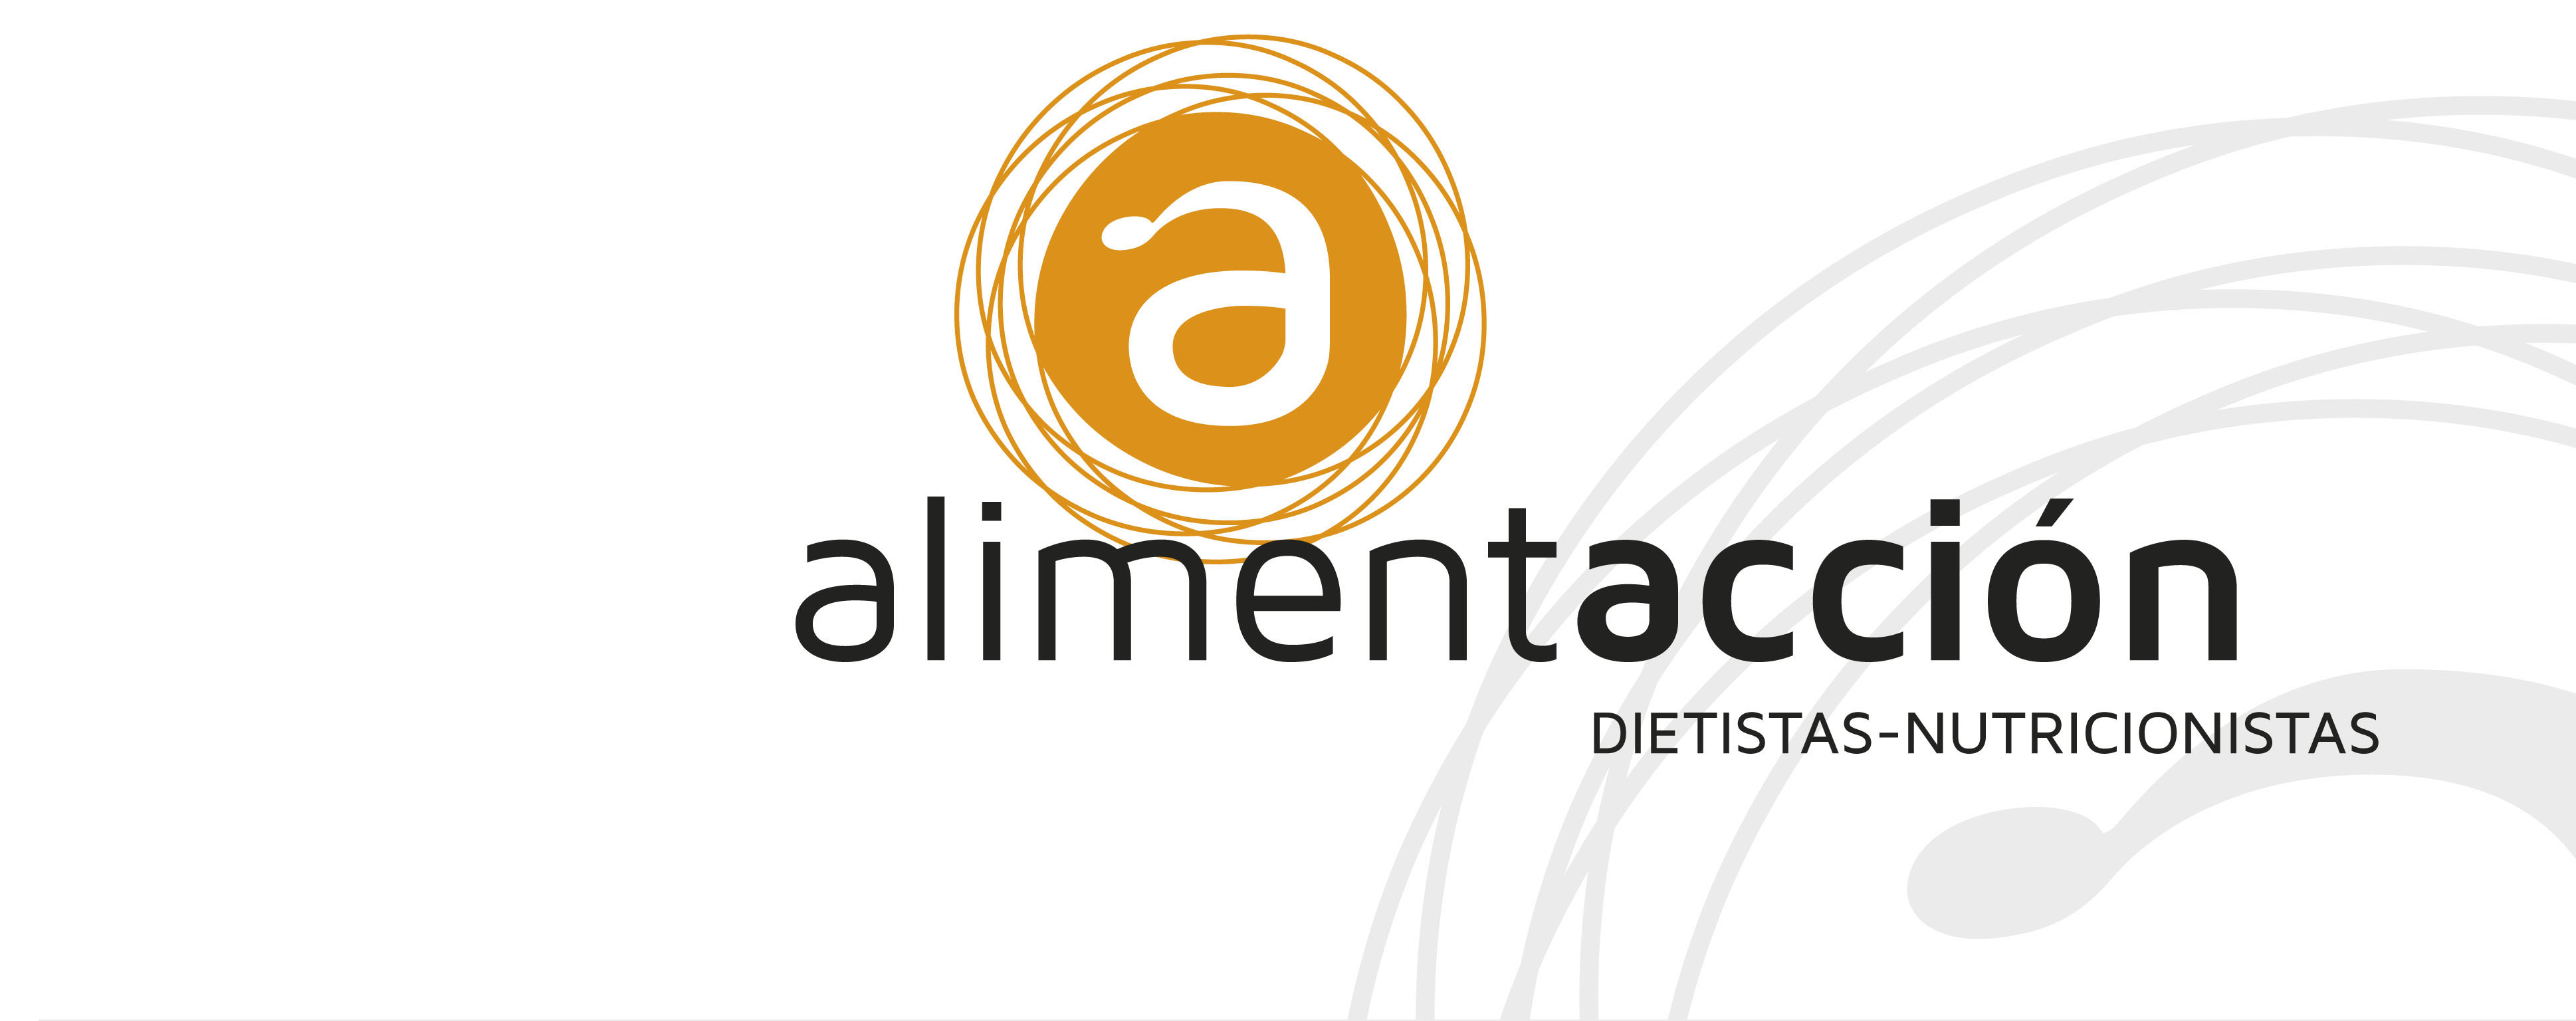 AlimentACCION